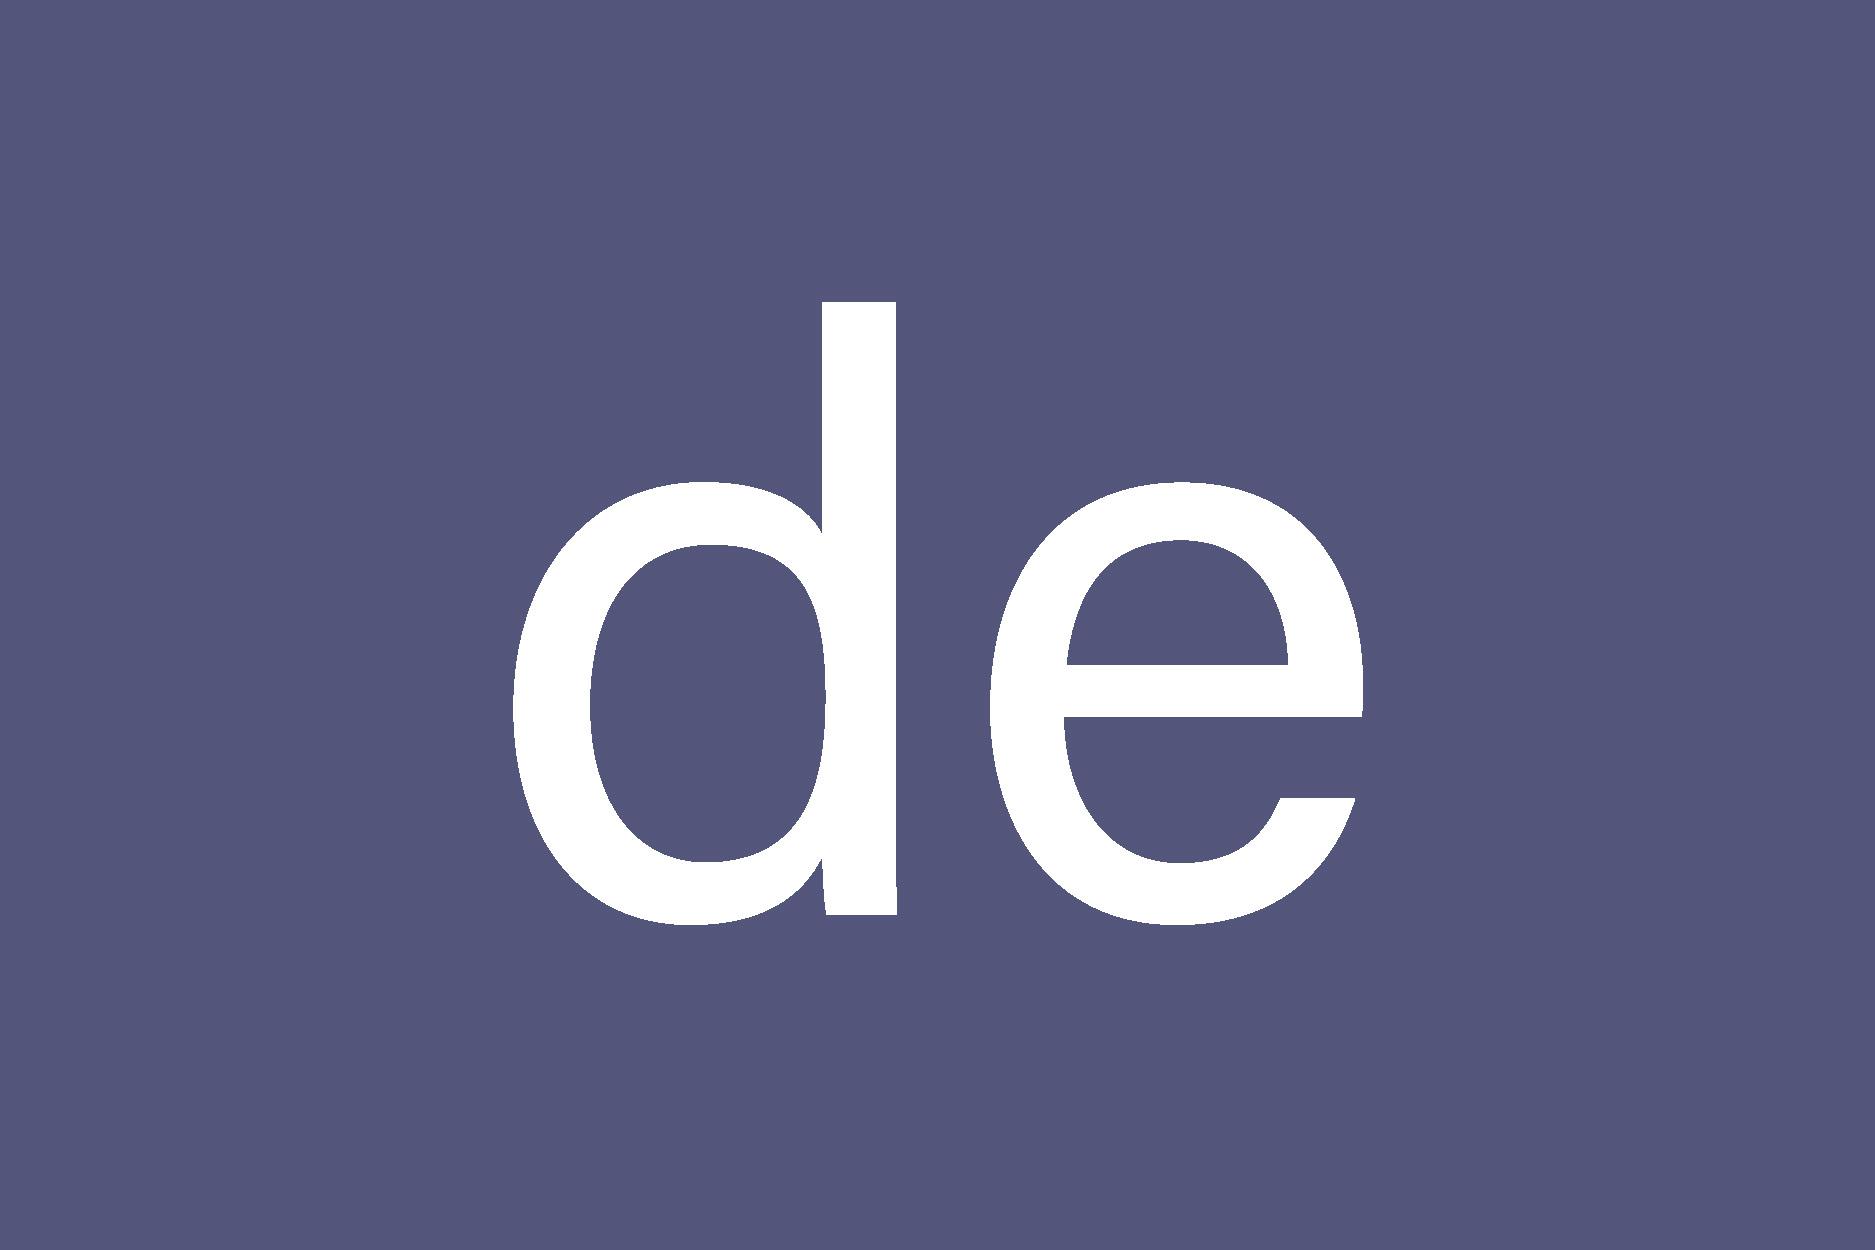 ISO 639-1 language code for German: DE